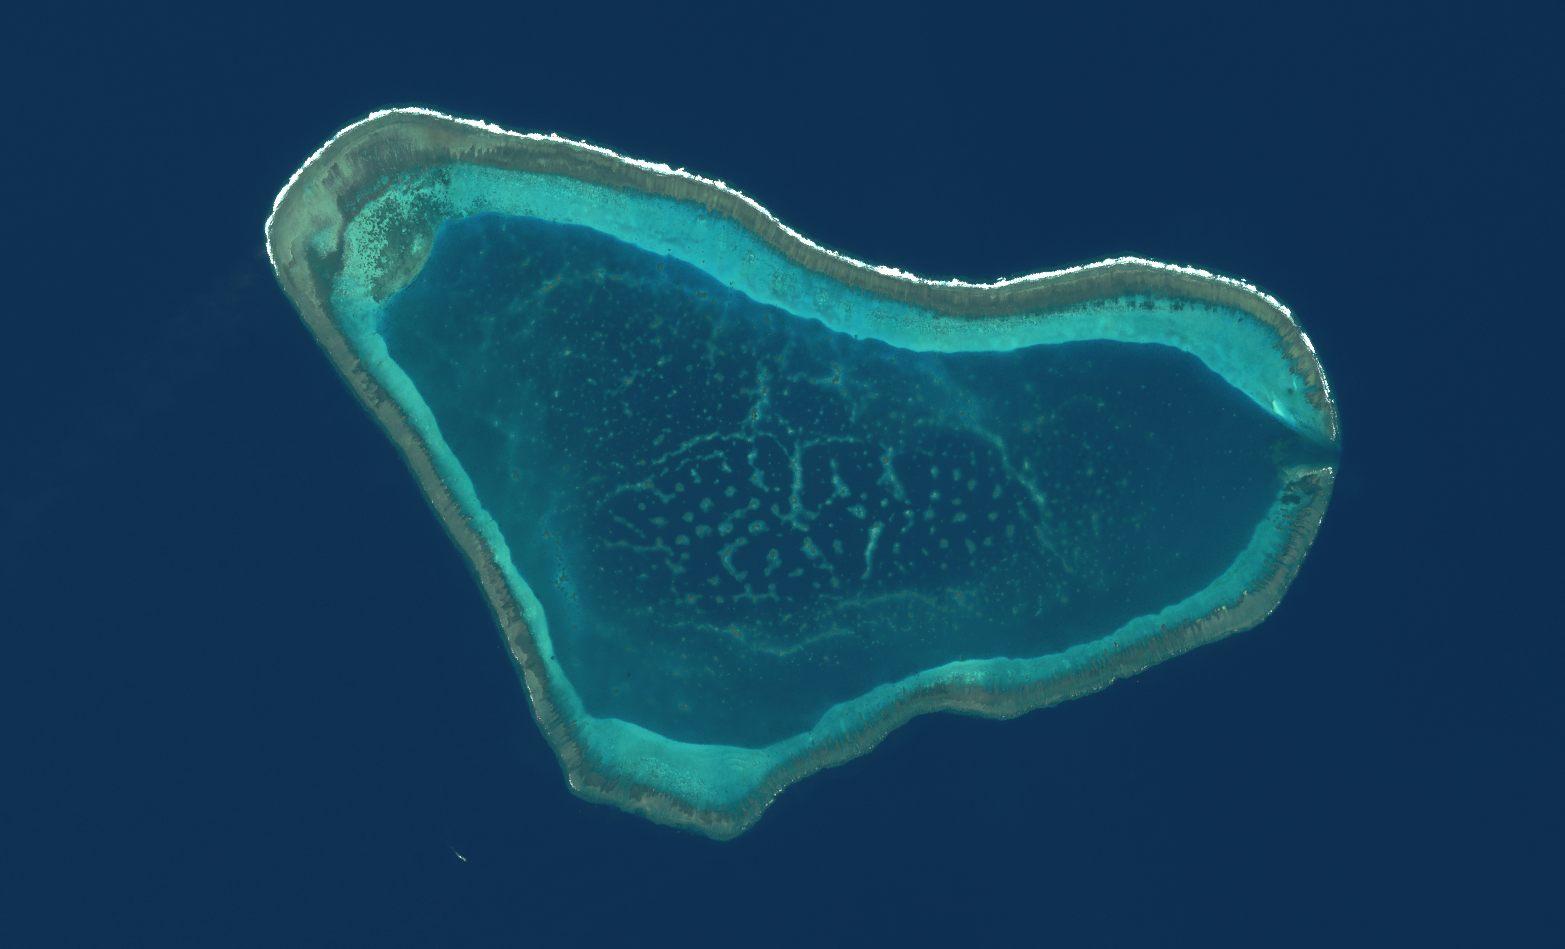 Saint-Valentin - 14 février 2016 Coeur - vu par satellite - île en forme de coeur - quiz - coeur vu du ciel - Un autre regard sur la Terre